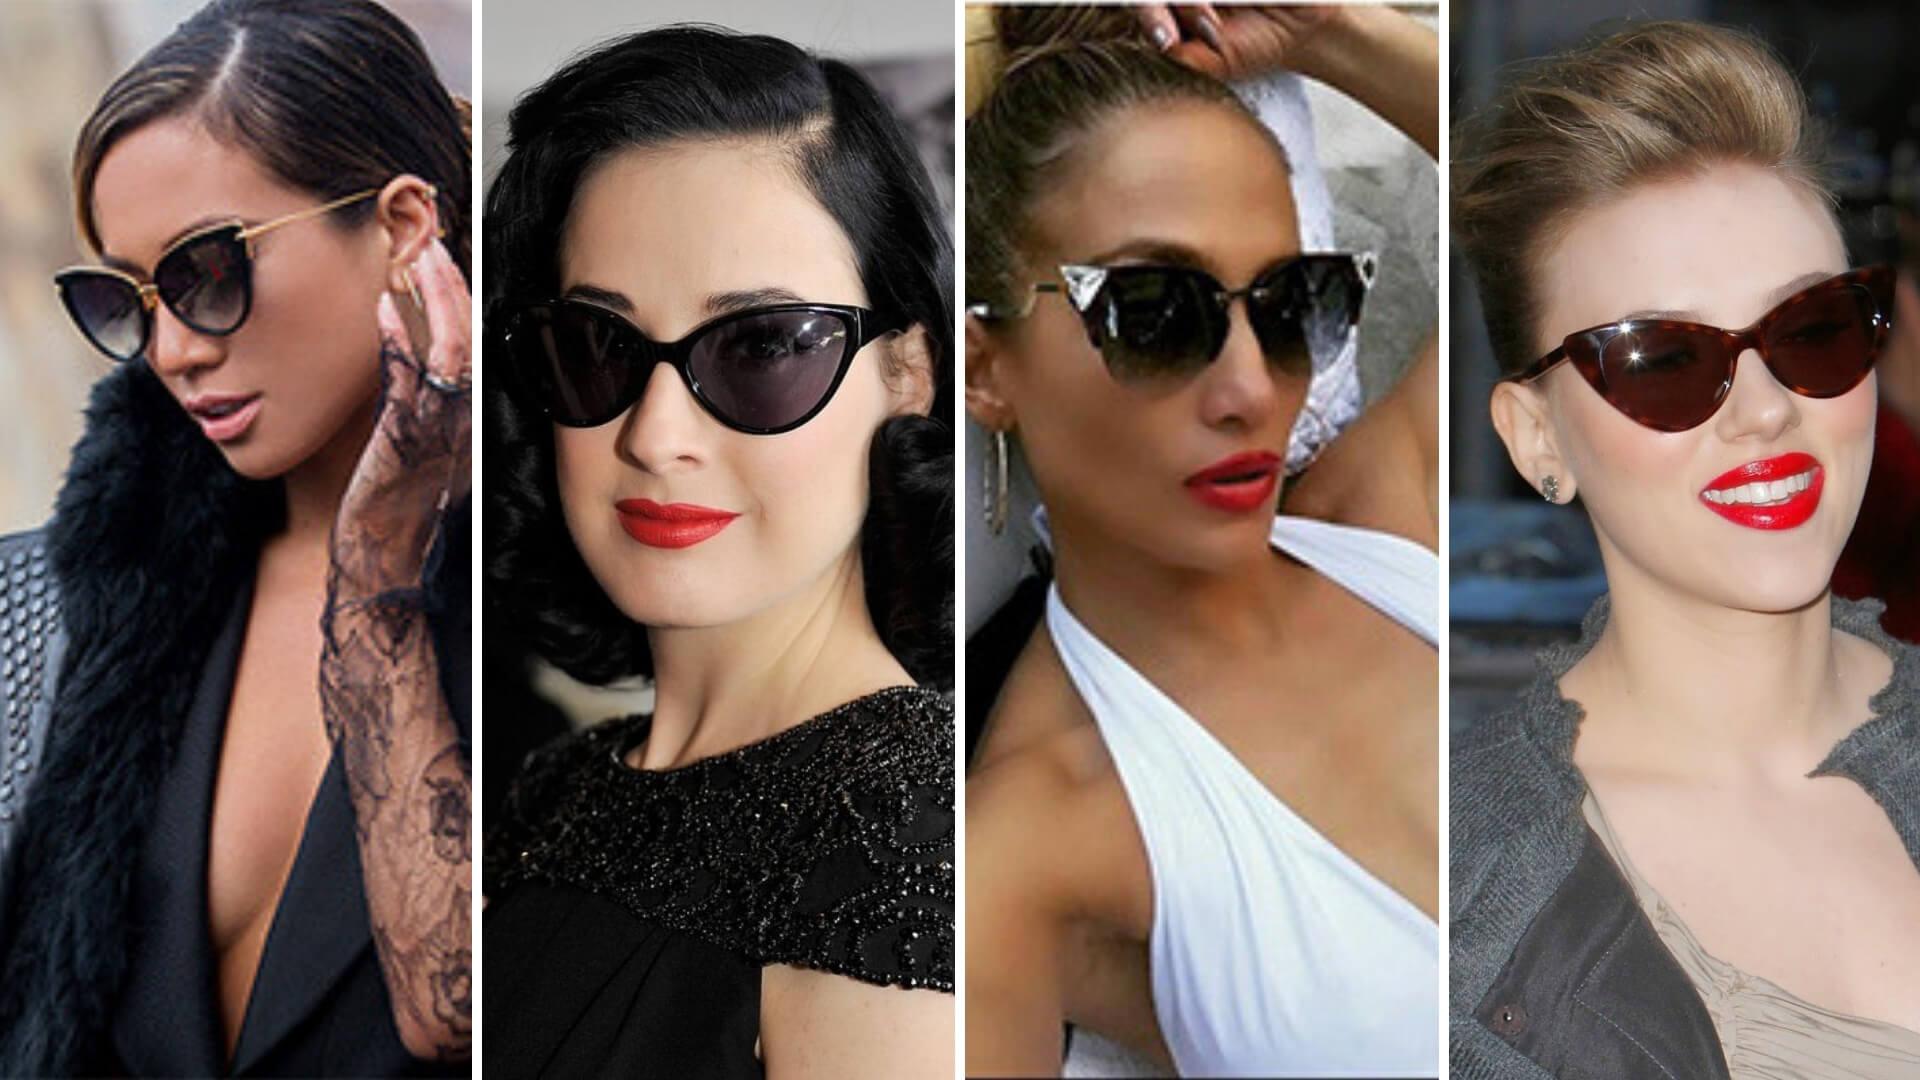 """254addb24 Vďaka týmto štýlovým okuliarom sa budete cítiť chic, aj keď nie ste  hollywoodska hviezda, ale len """"obyčajný smrteľník"""" s pracovnou dobou od  9-17."""